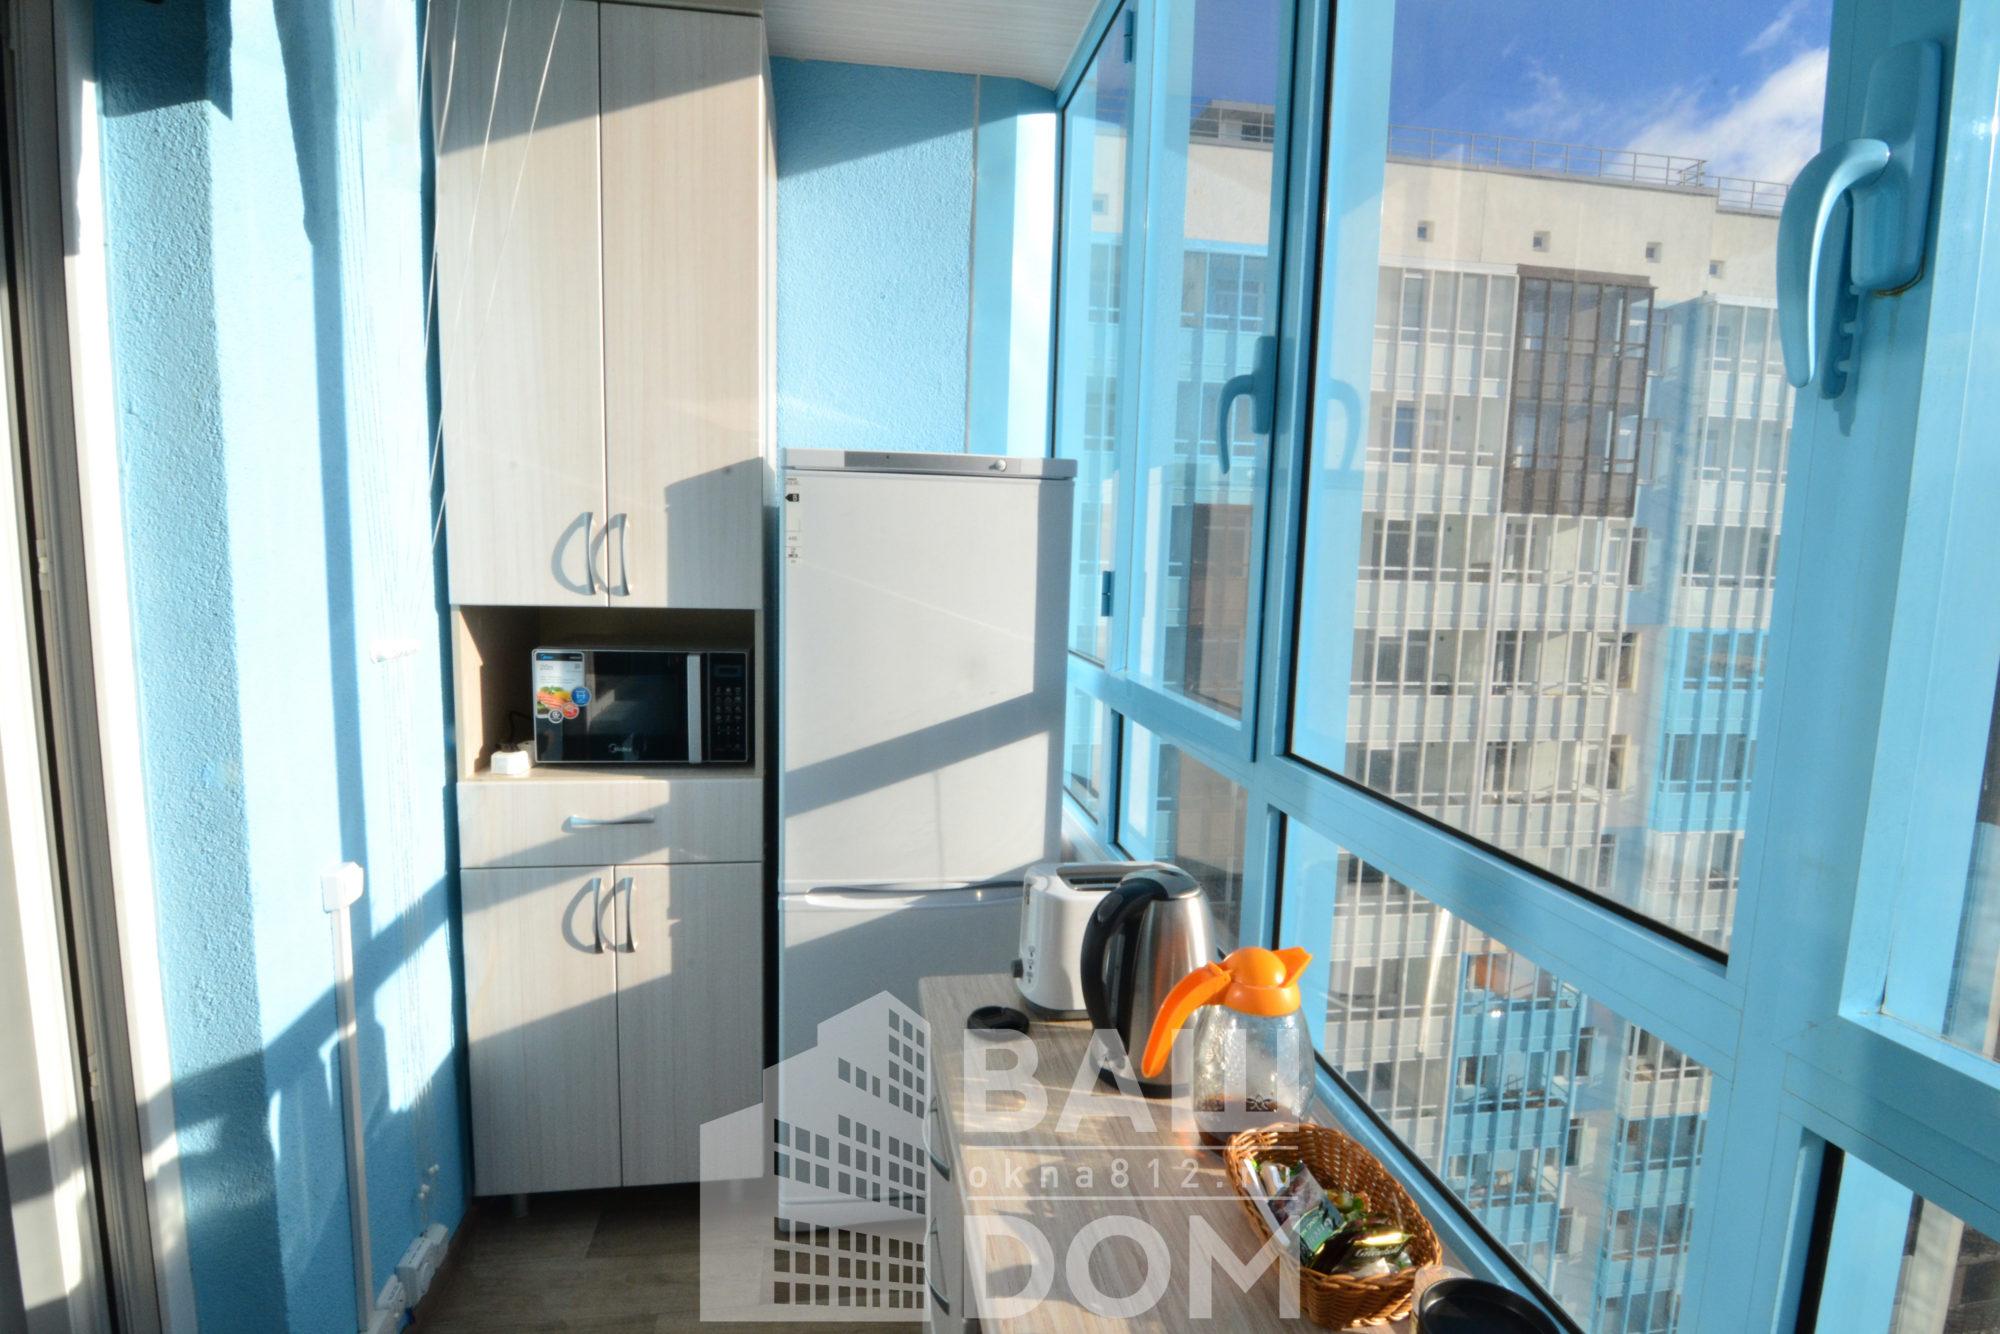 kak-organizovat-kuhnyu-na-balkone-2